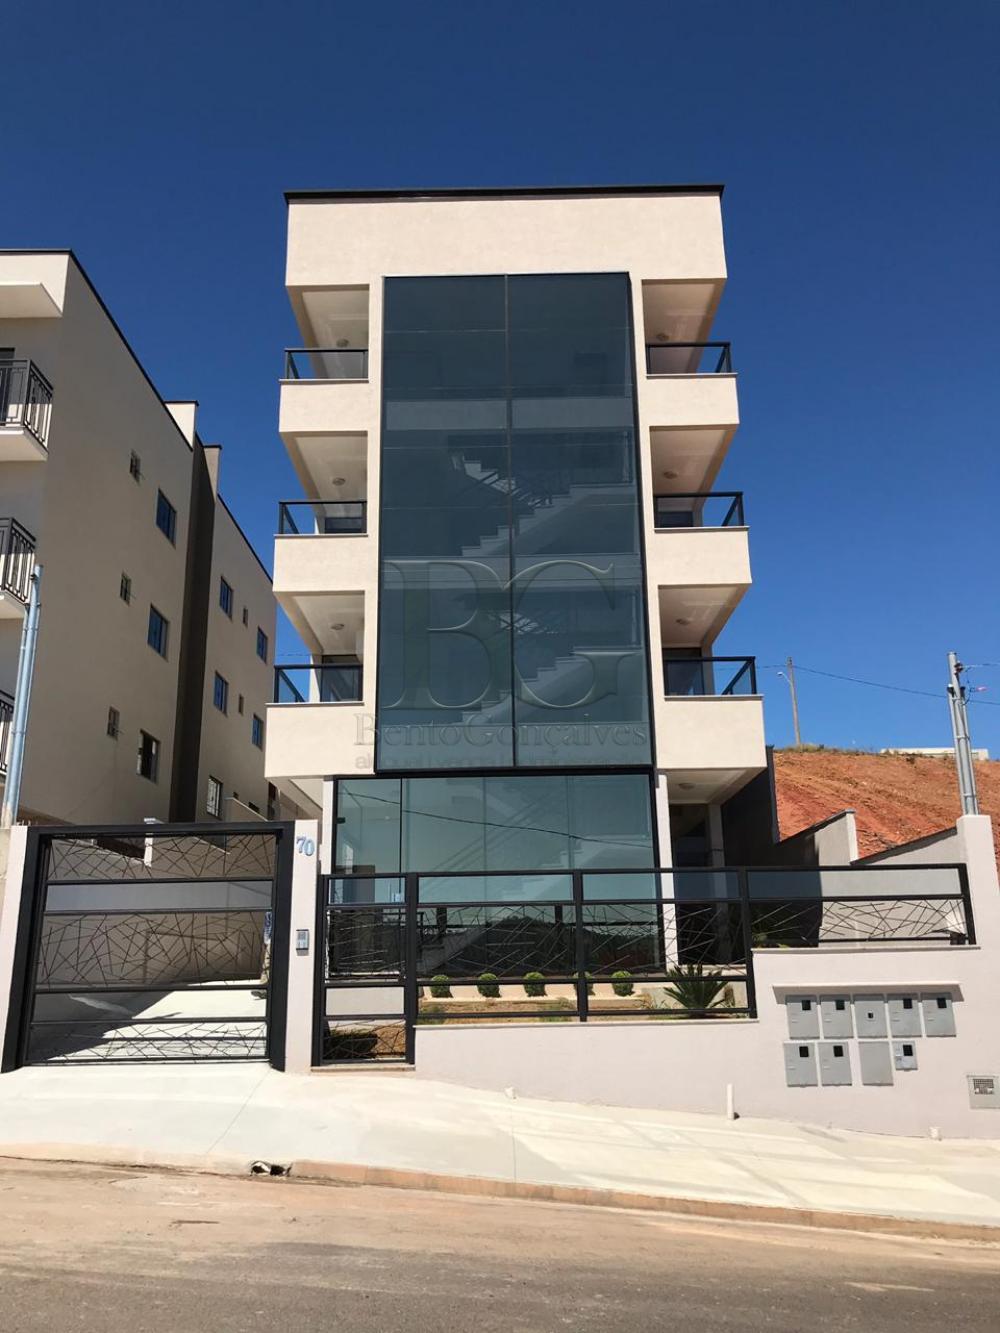 Comprar Apartamentos / Padrão em Poços de Caldas R$ 350.000,00 - Foto 2